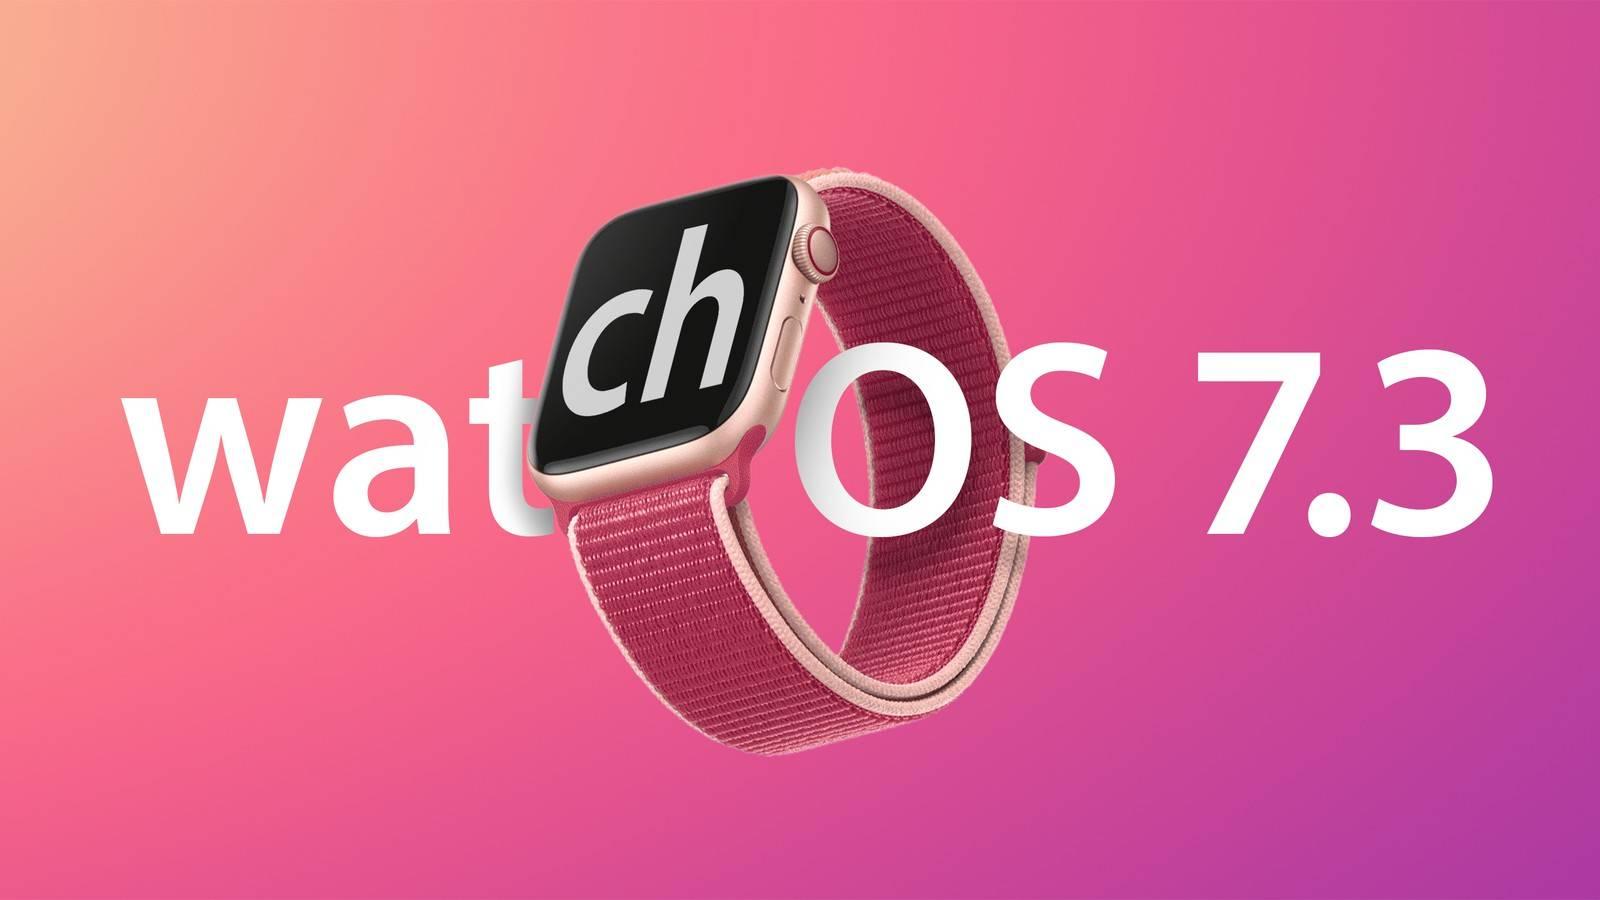 早高FENG:苹果发布watchOS 7.3正式版/摩托罗拉edg